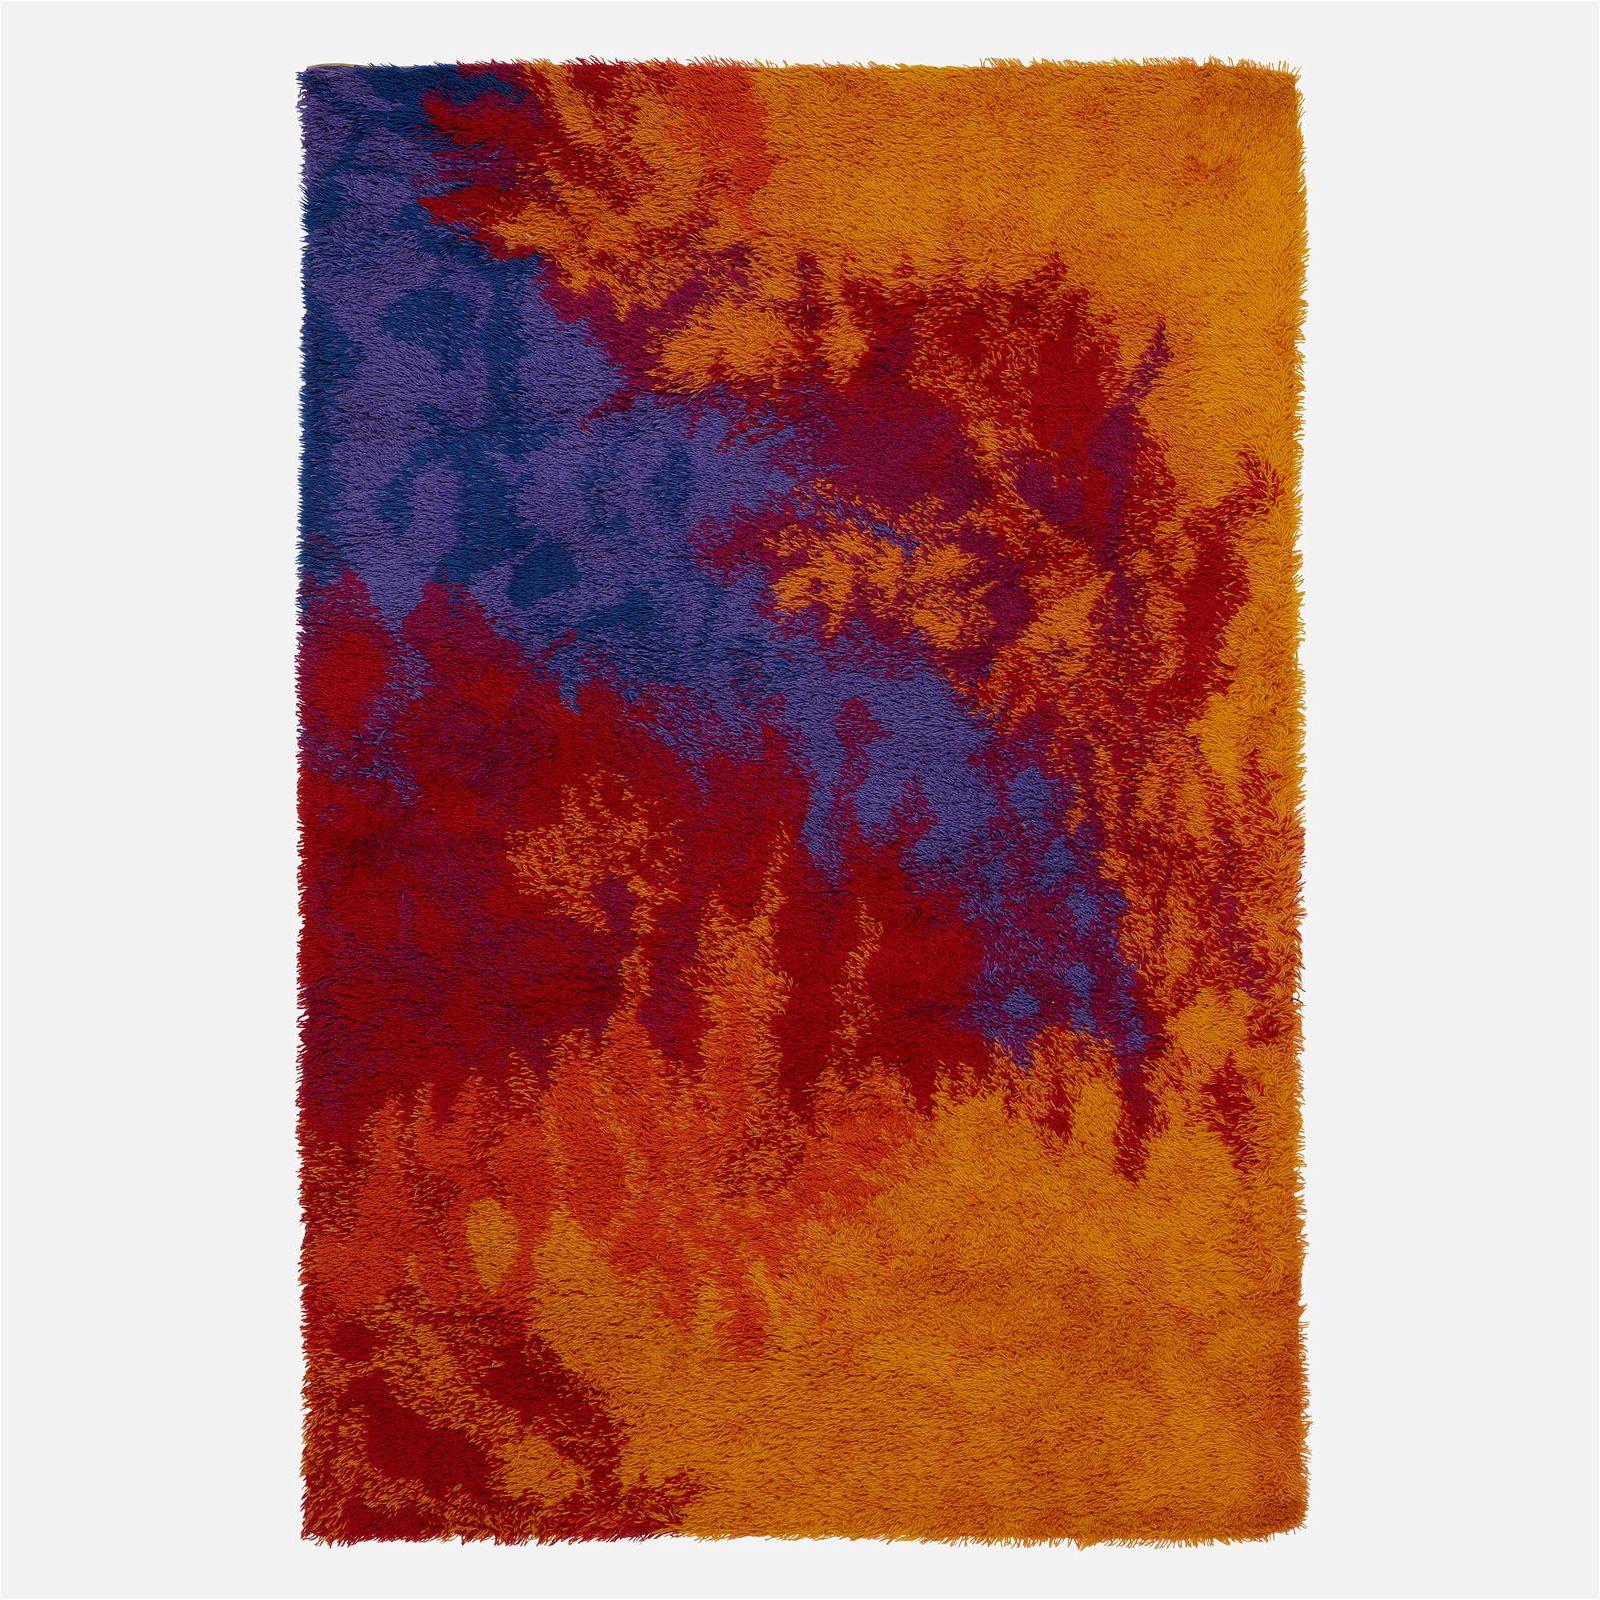 Ege Axminster A/S, Vesuv rya carpet